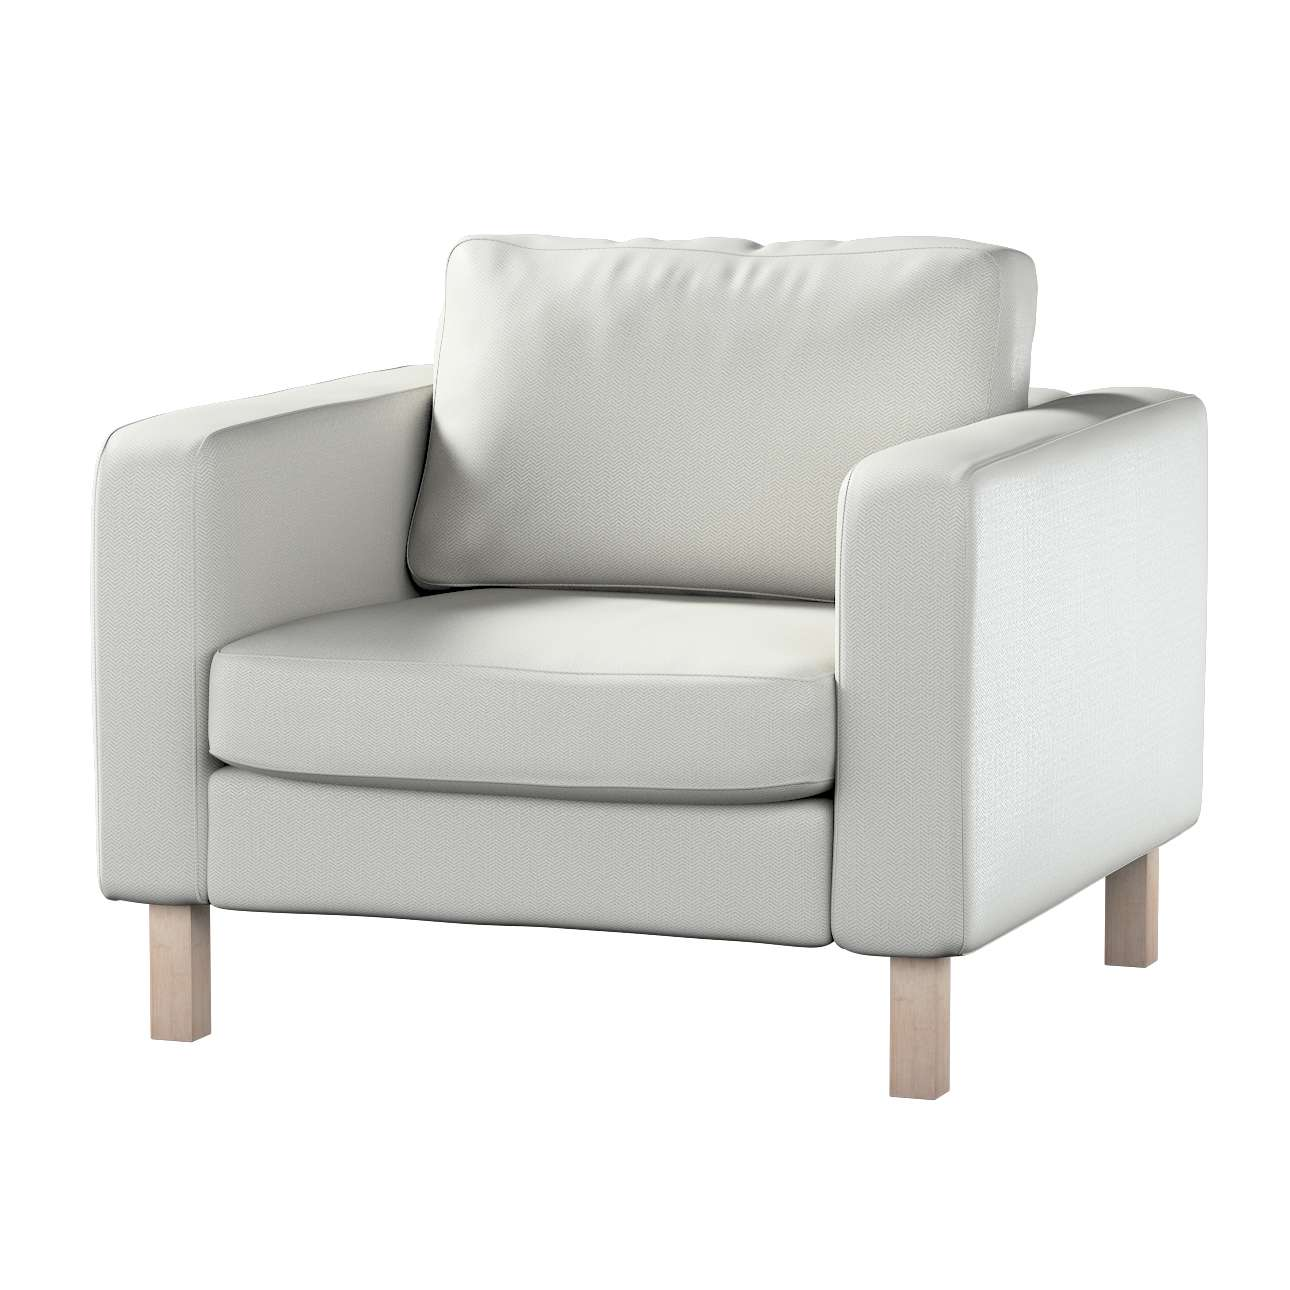 Karlstad päällinen nojatuoli mallistosta Bergen, Kangas: 161-84